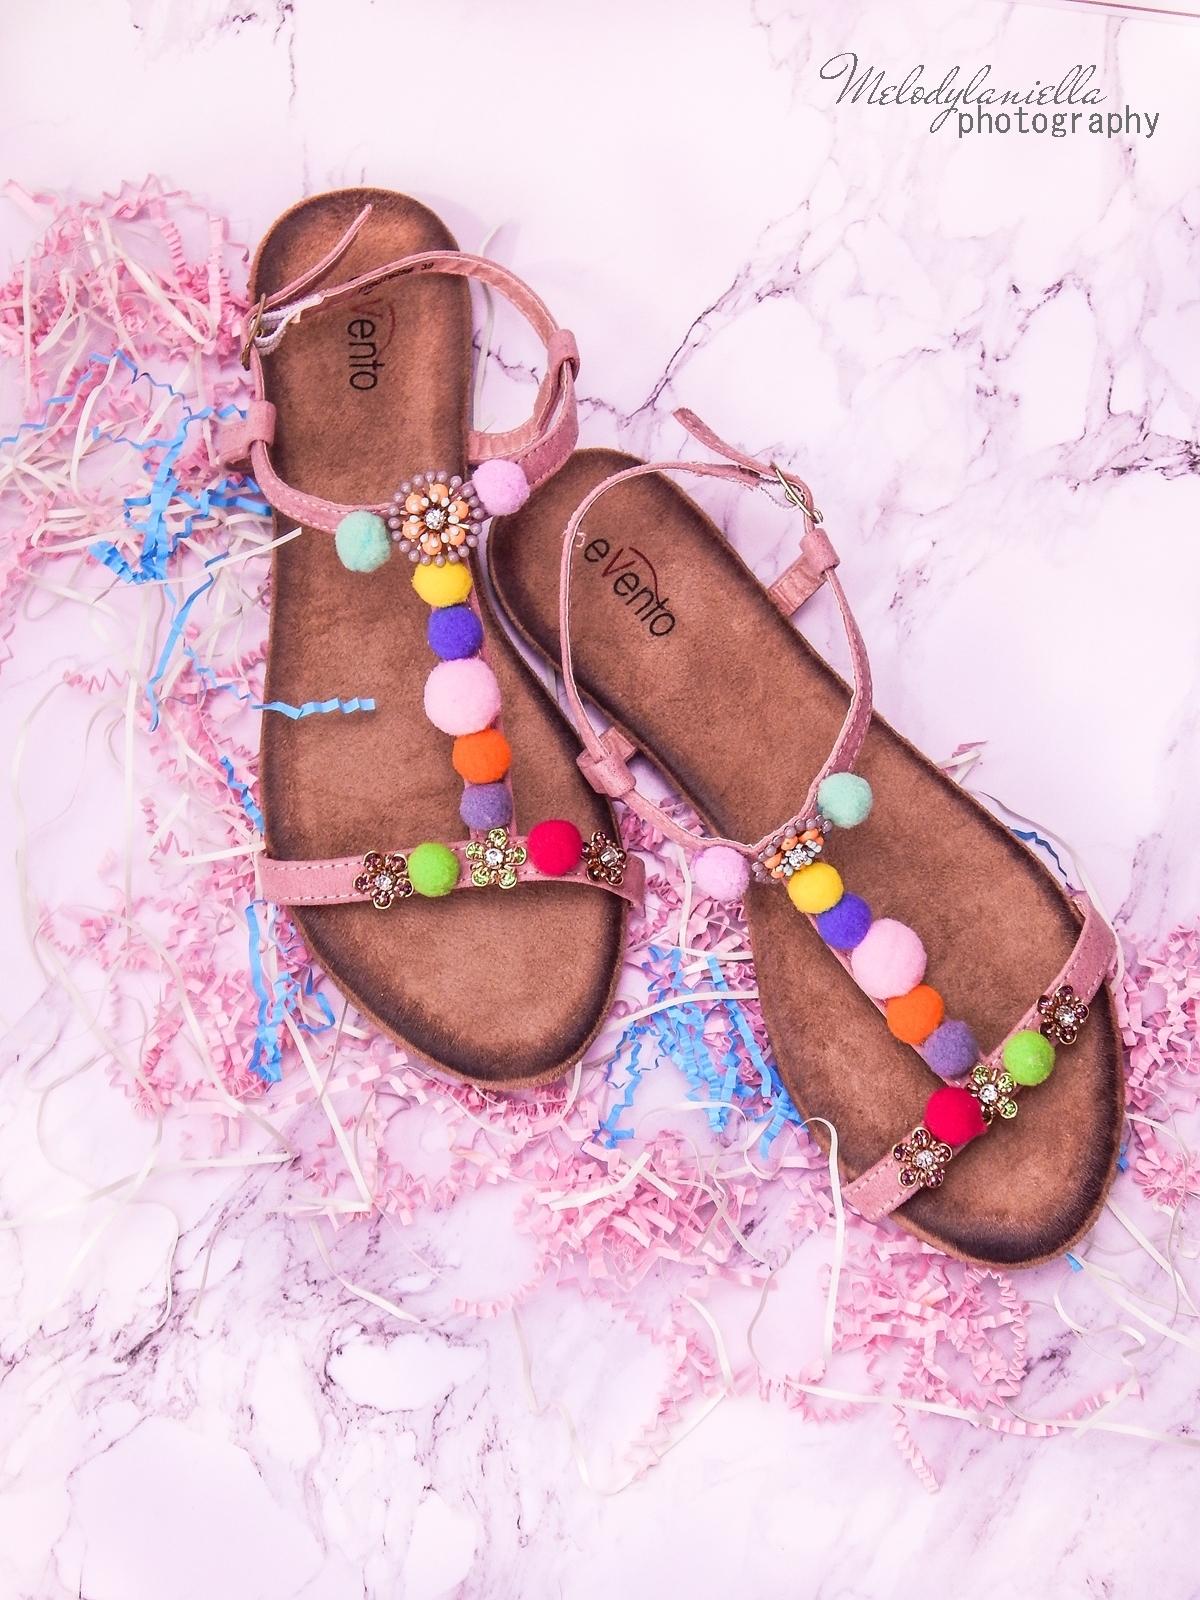 3 buty łuków baleriny tenisówki mokasyny sandały z ponopnami trzy modele butów modnych na lato melodylaniella recenzje buty coca-cola szare półbuty z kokardą buty na wesele buty do sukienki moda